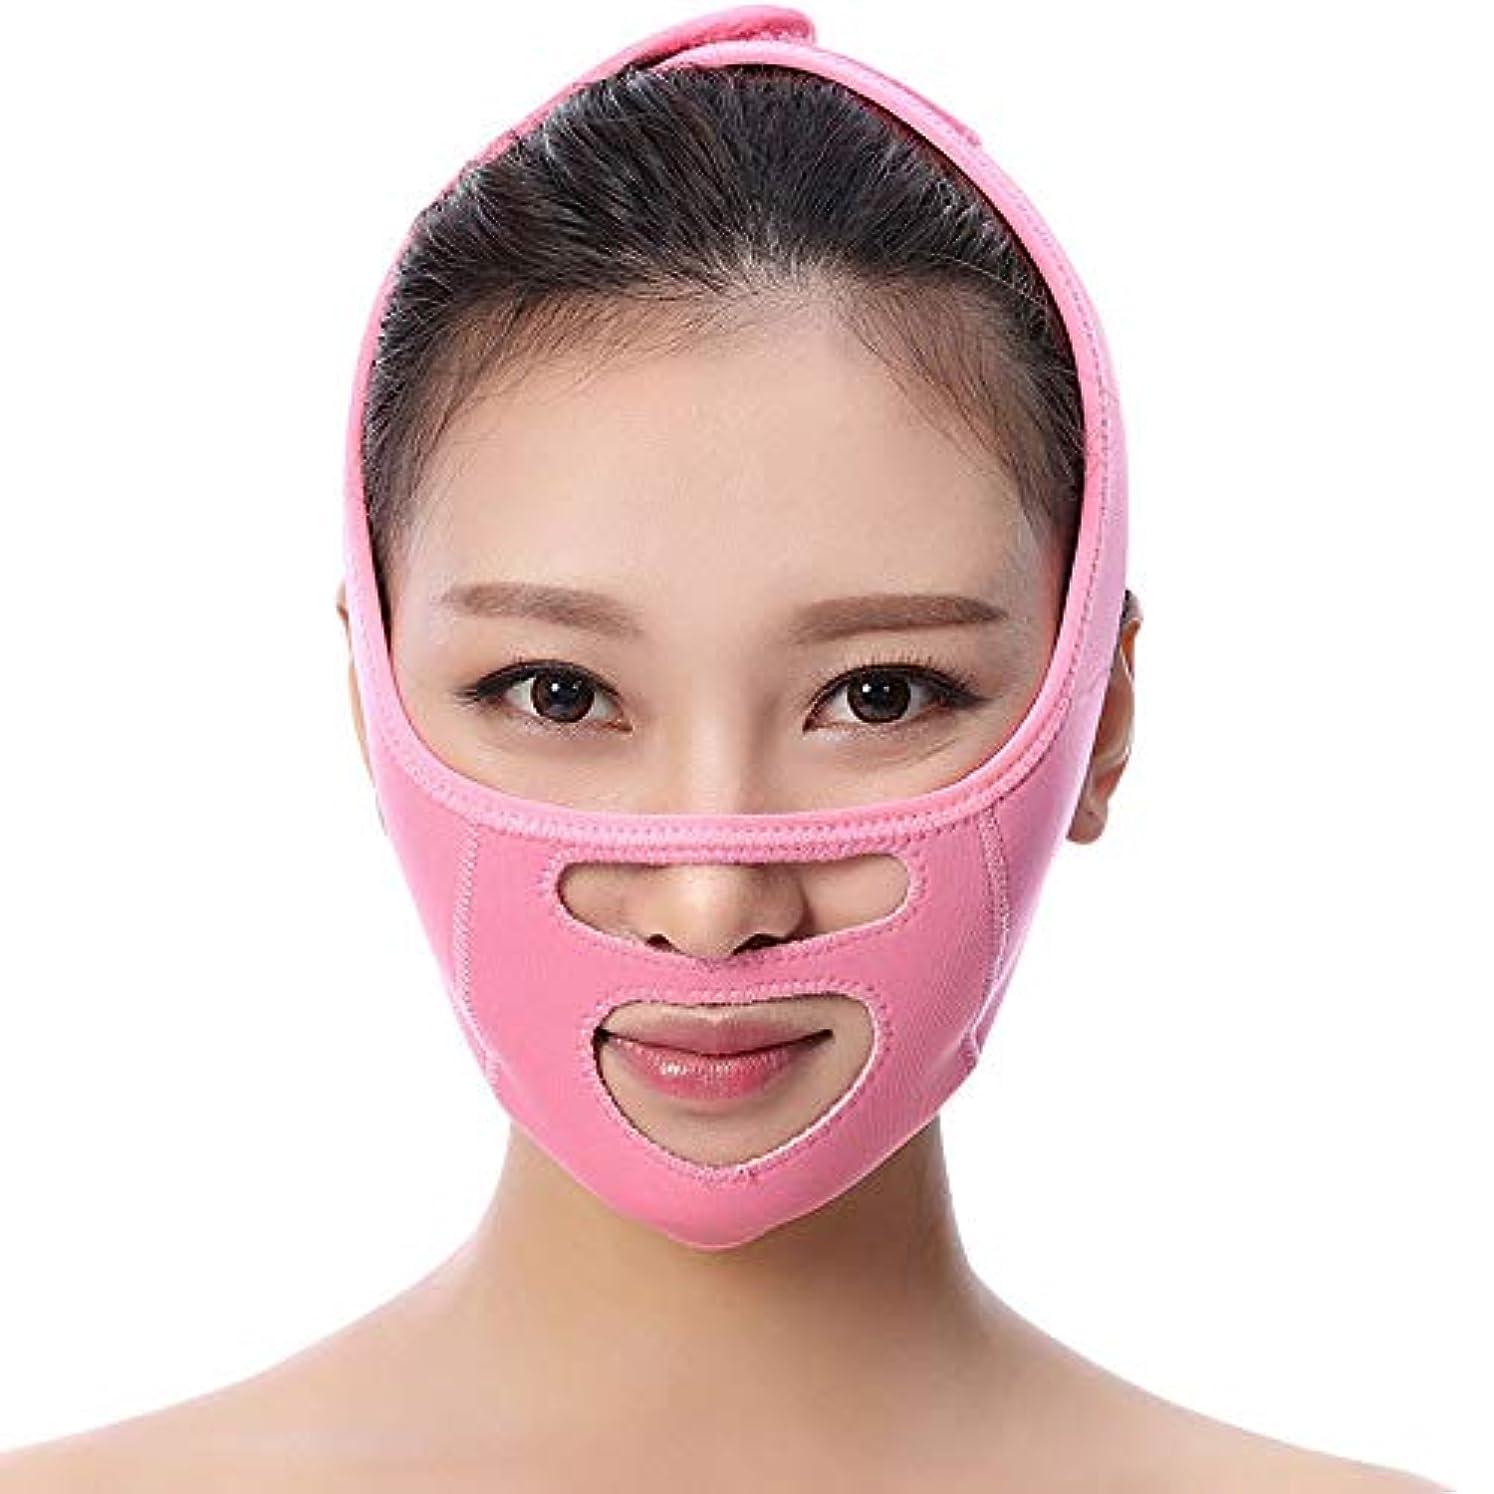 無駄に憎しみ微視的フェイスリフトマスク、薄型フェイスベルトを眠らせる/フェイスフェイスリフトアーチファクト(ブルー/ピンク)を令状にするために美容フェイスリフト包帯を強化,Pink